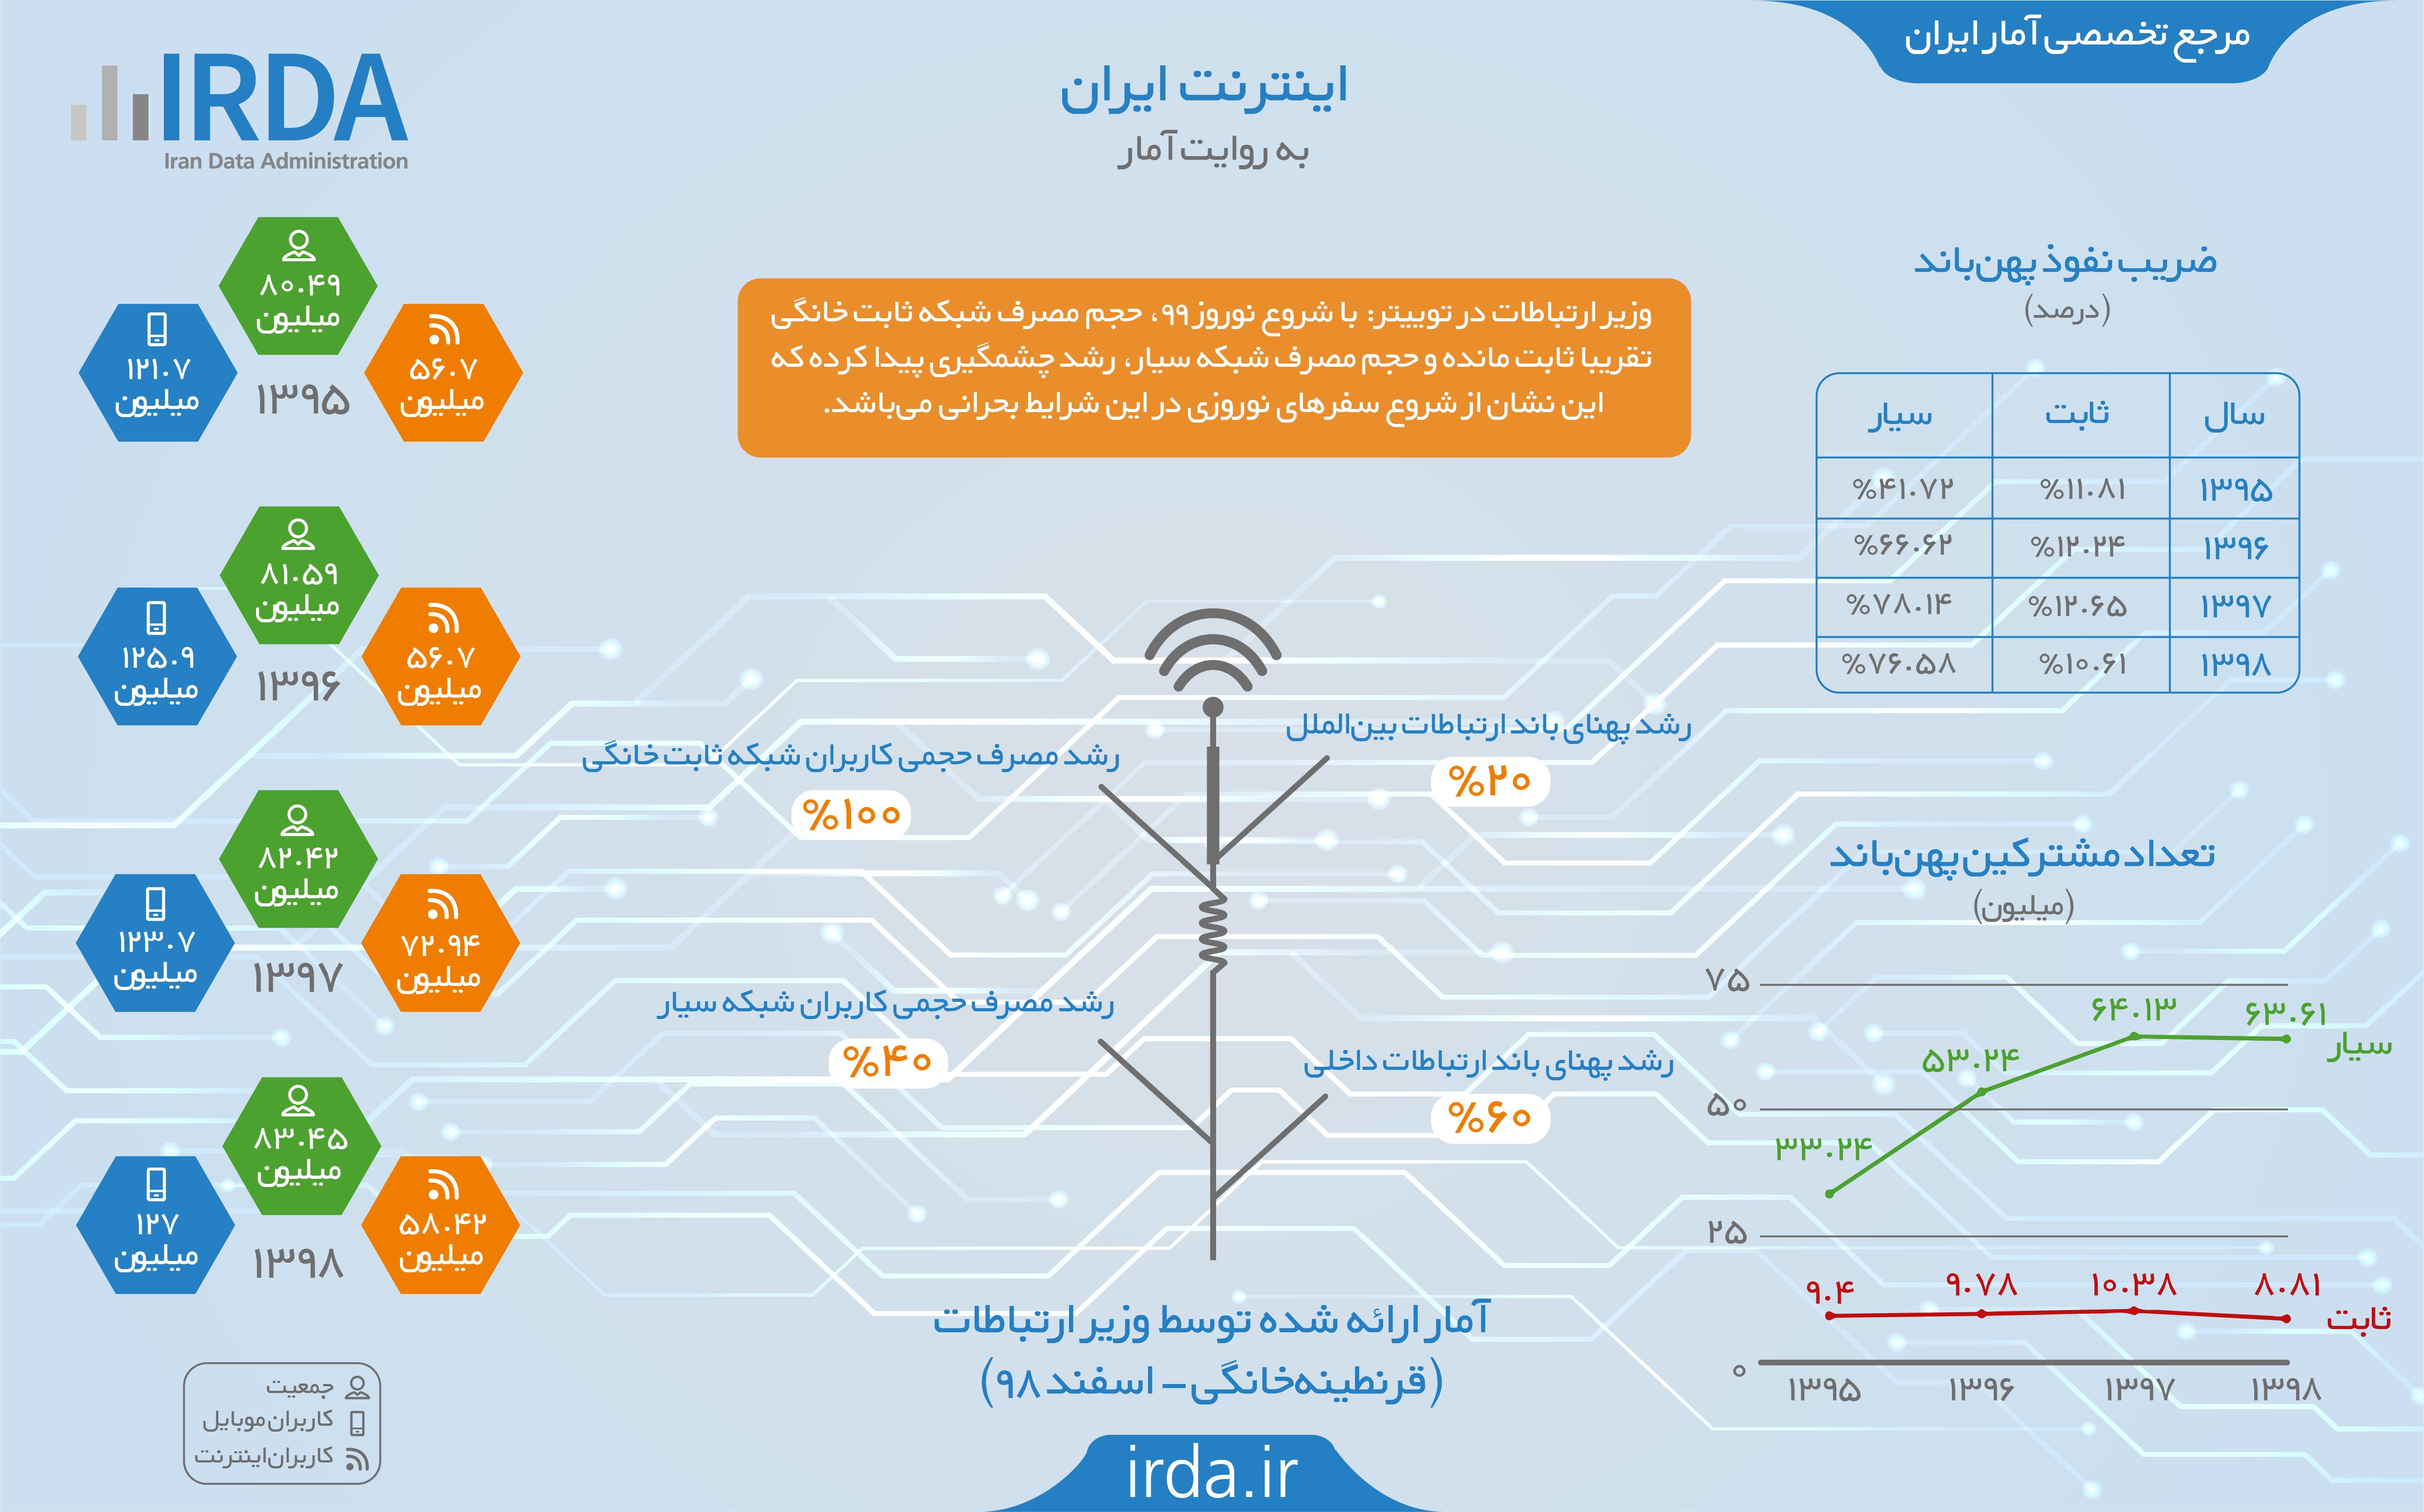 اینترنت در ایران به روایت آمار